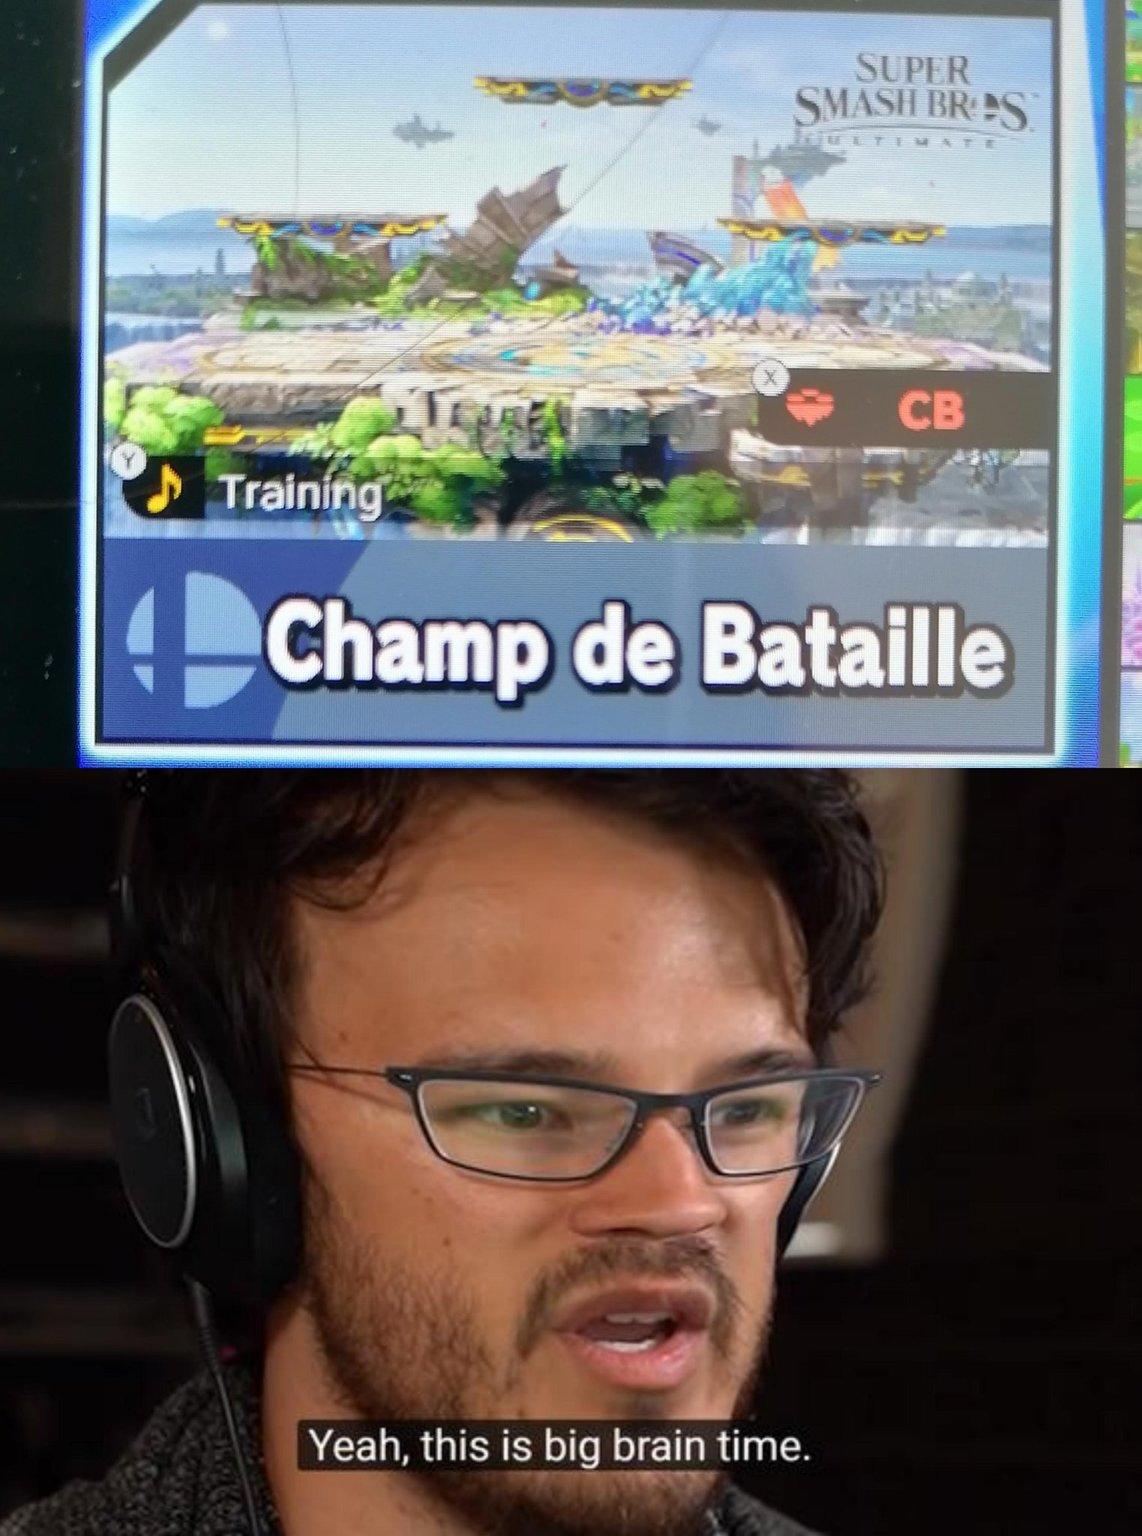 Champ de bataille version champ de bataille - meme